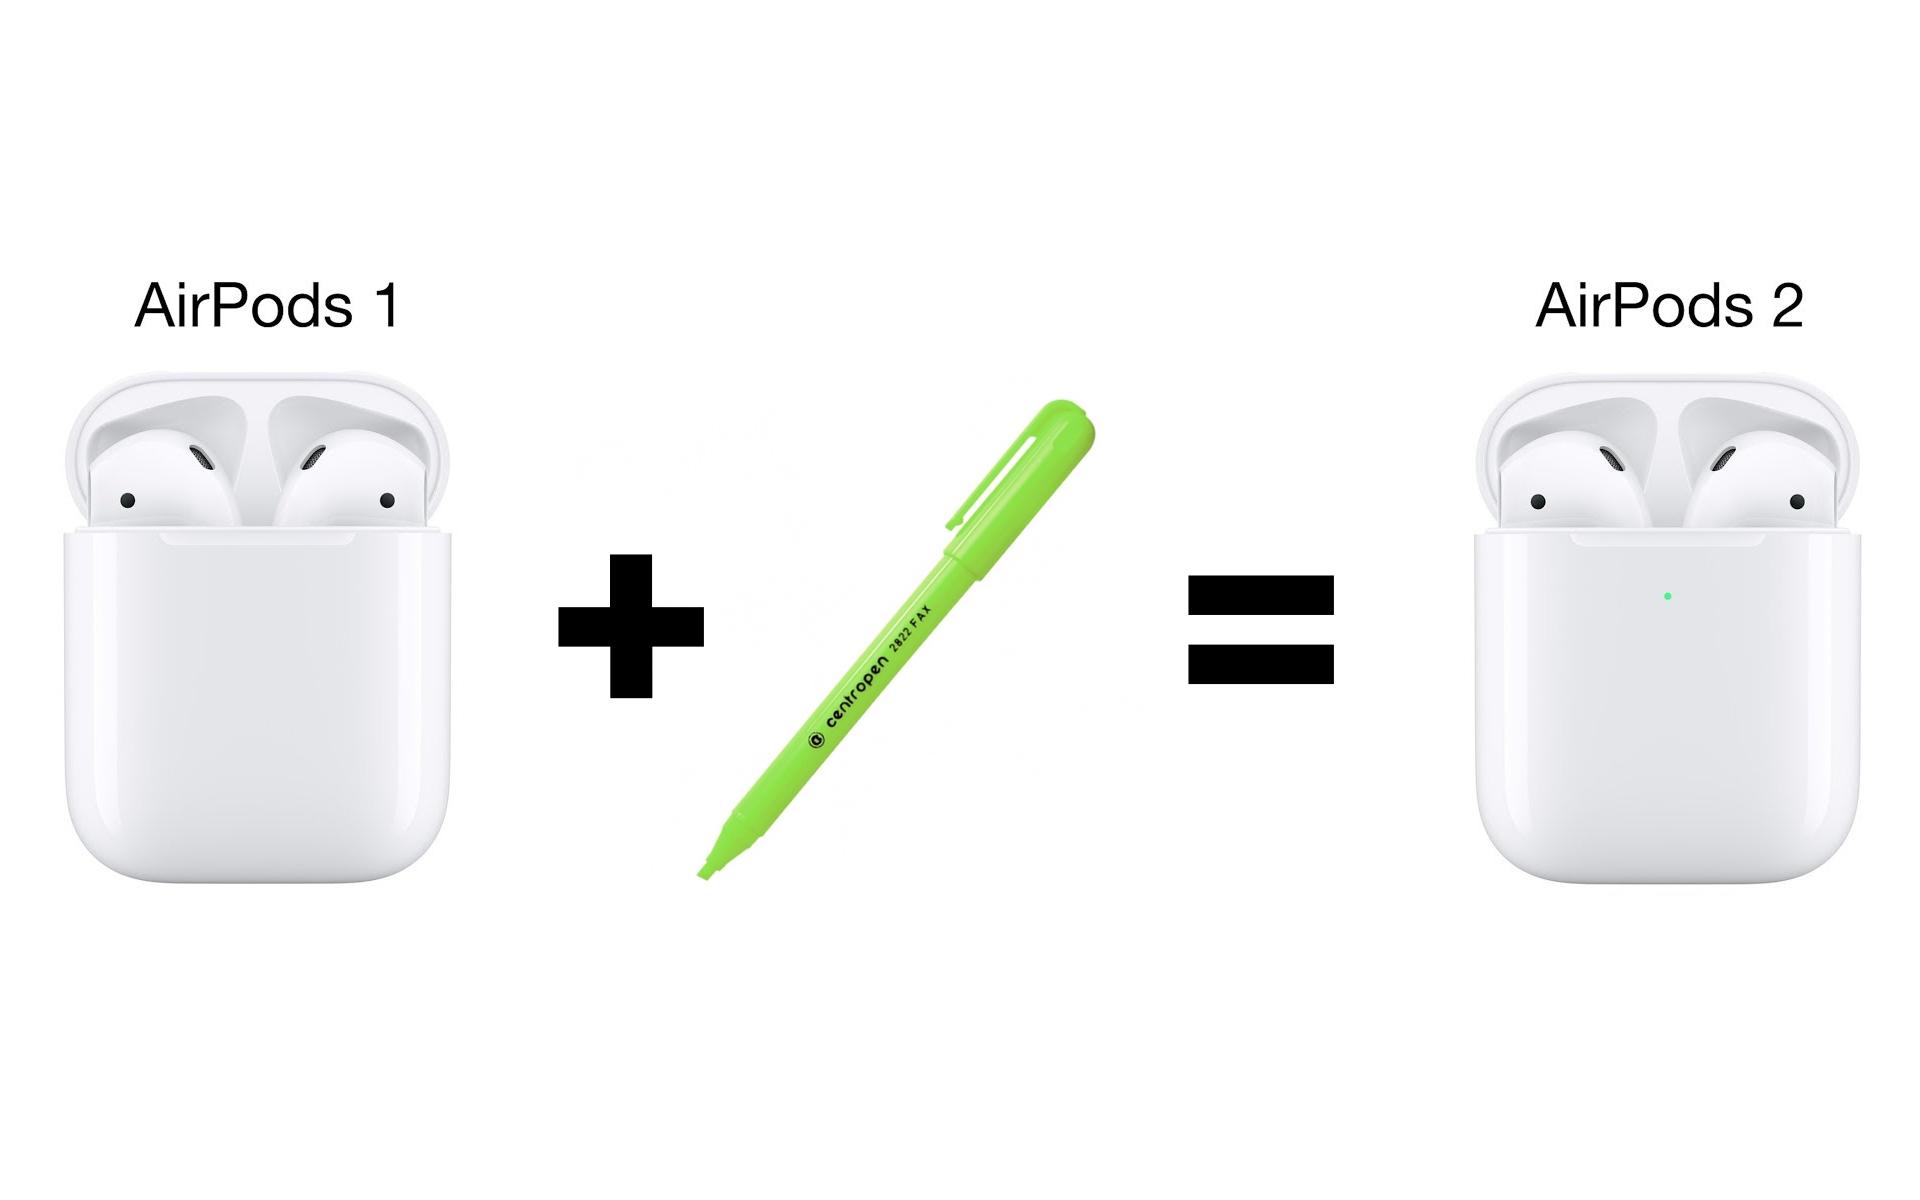 AirPods 2 pen